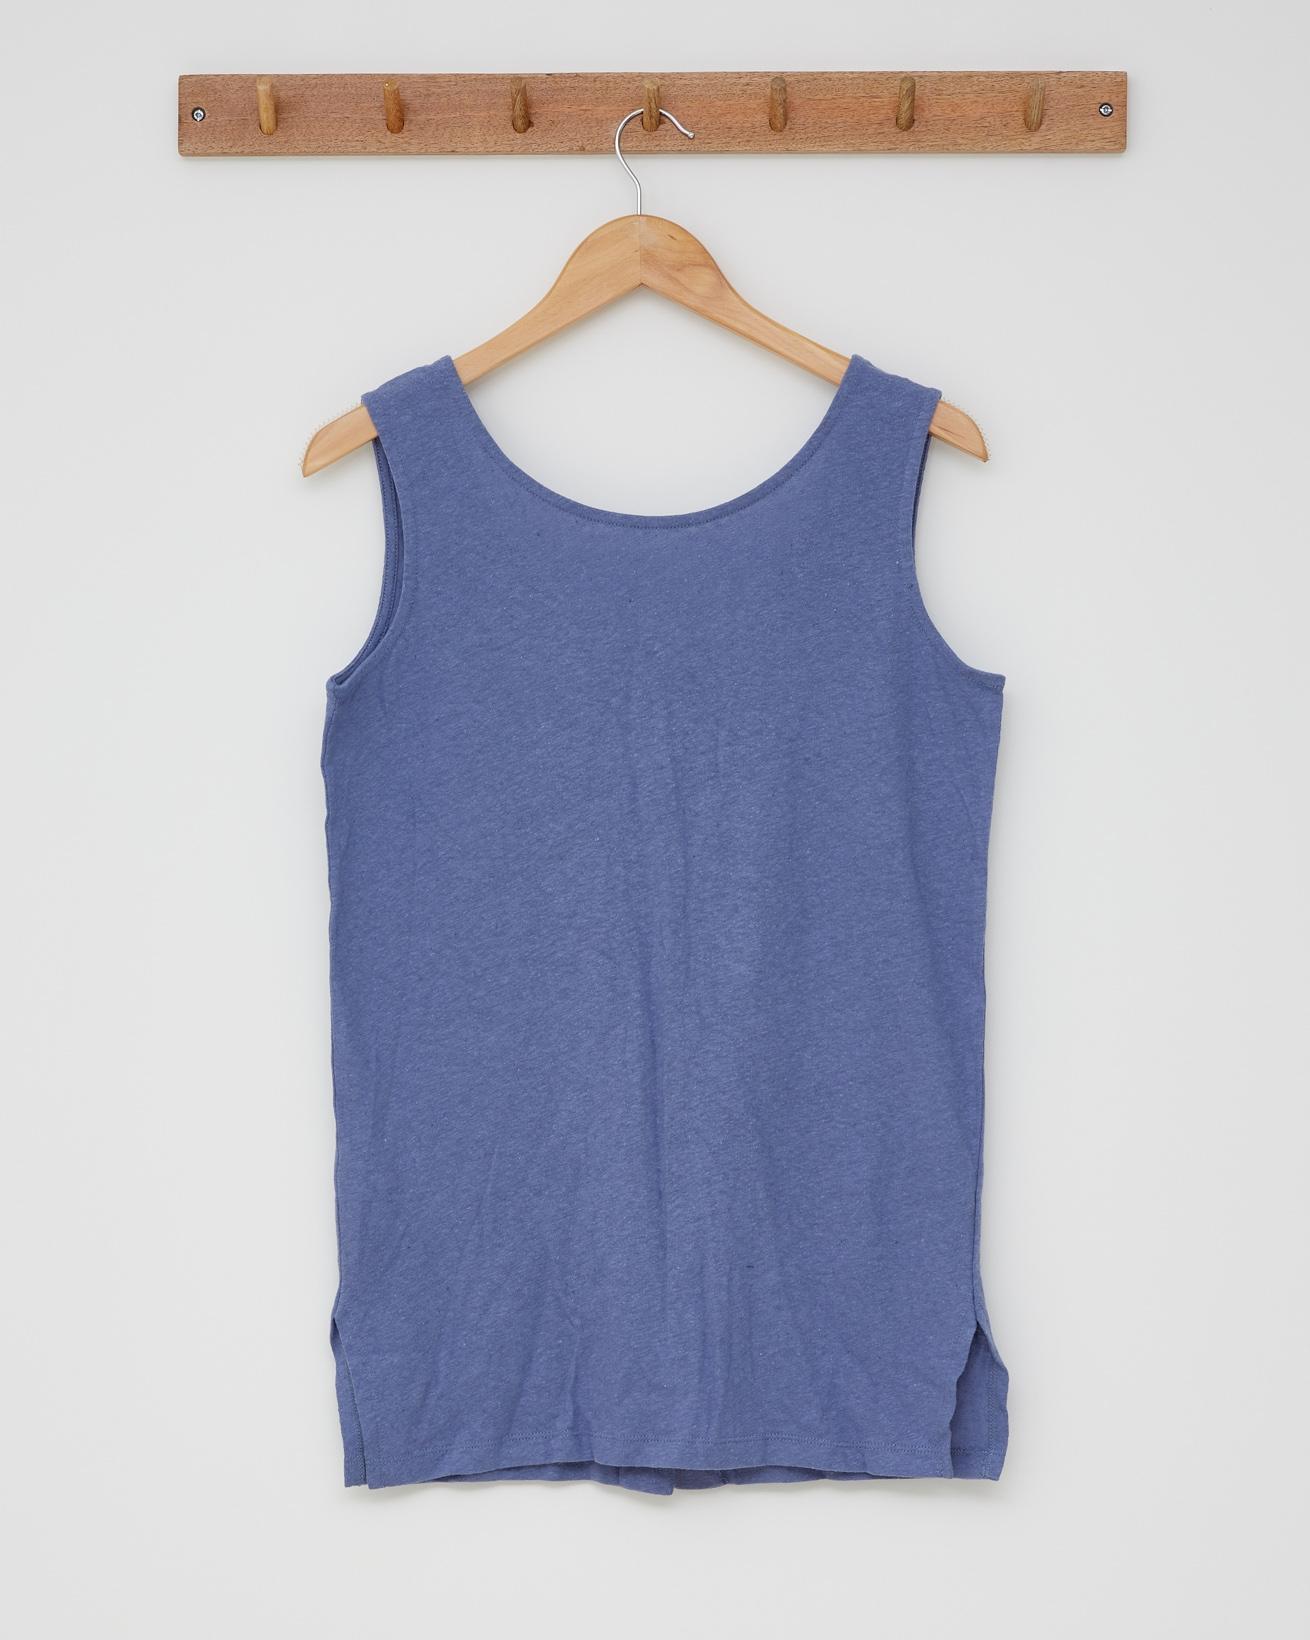 Linen Cotton Scoop Neck Vest - Cornflower Blue - Size 10 - 2550